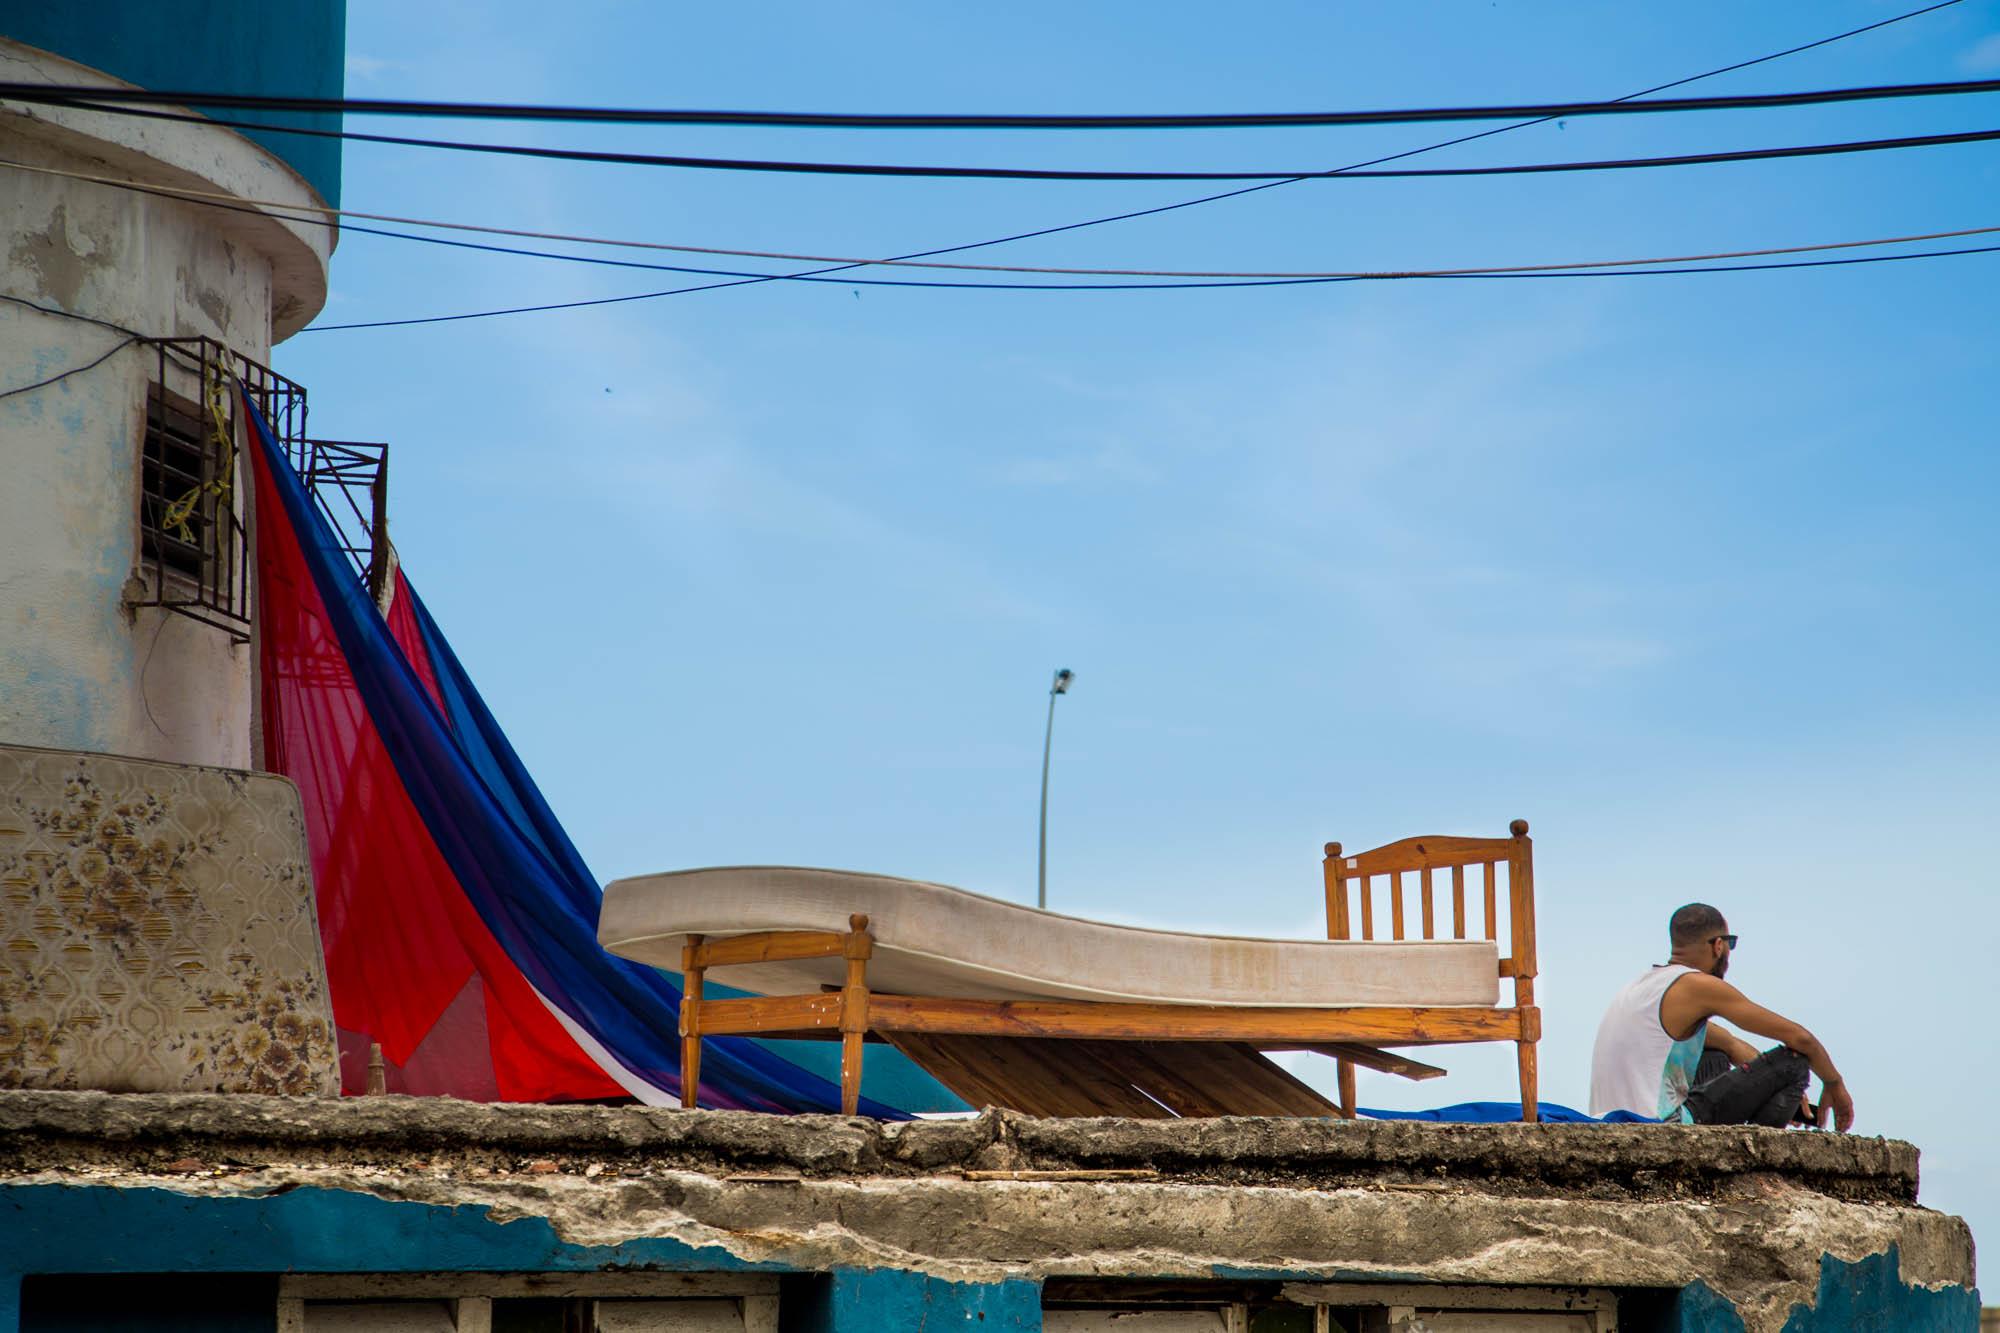 El sueño cubano (Foto: Jorge Ricardo)